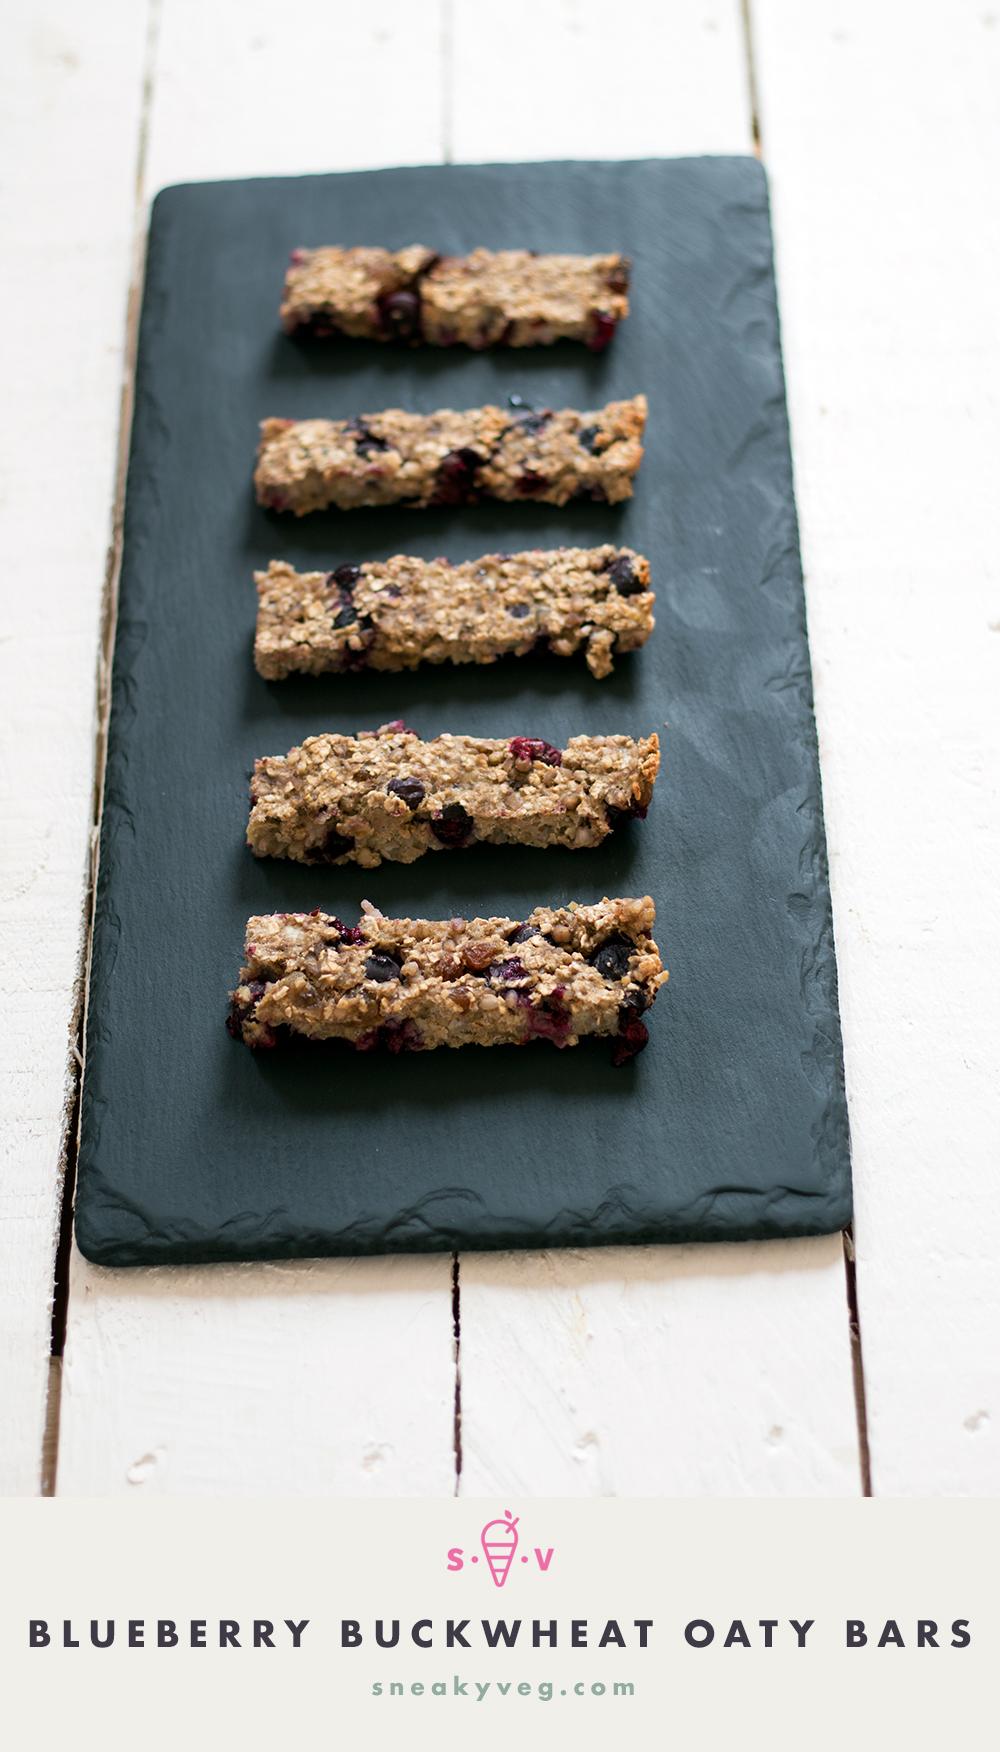 Banana and blueberry buckwheat oaty bars recipe